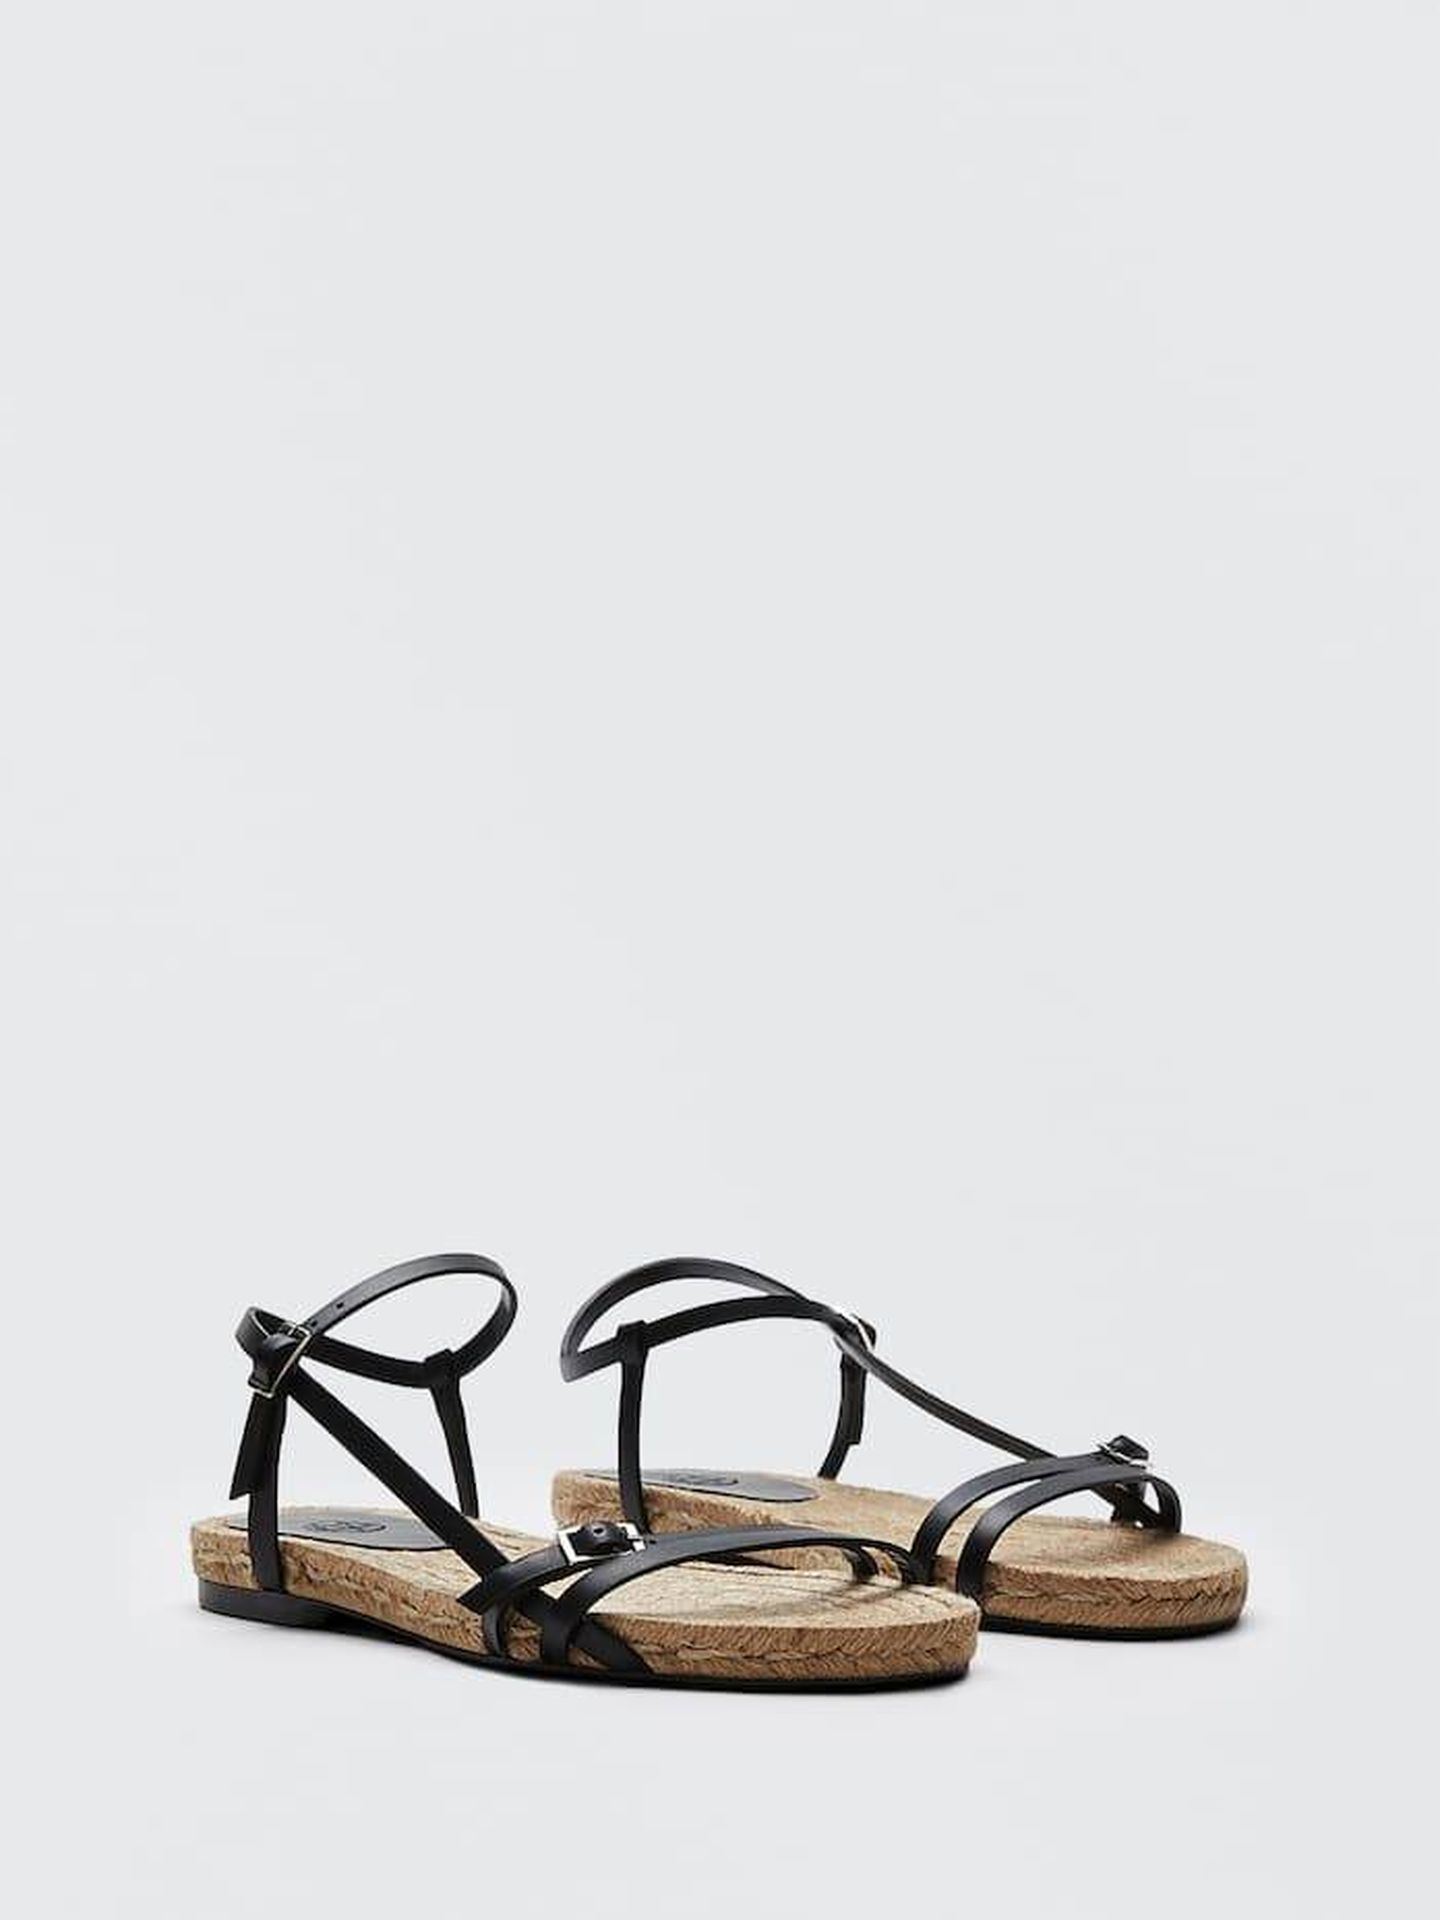 Sandalias negras de tiras de Massimo Dutti. (Cortesía)